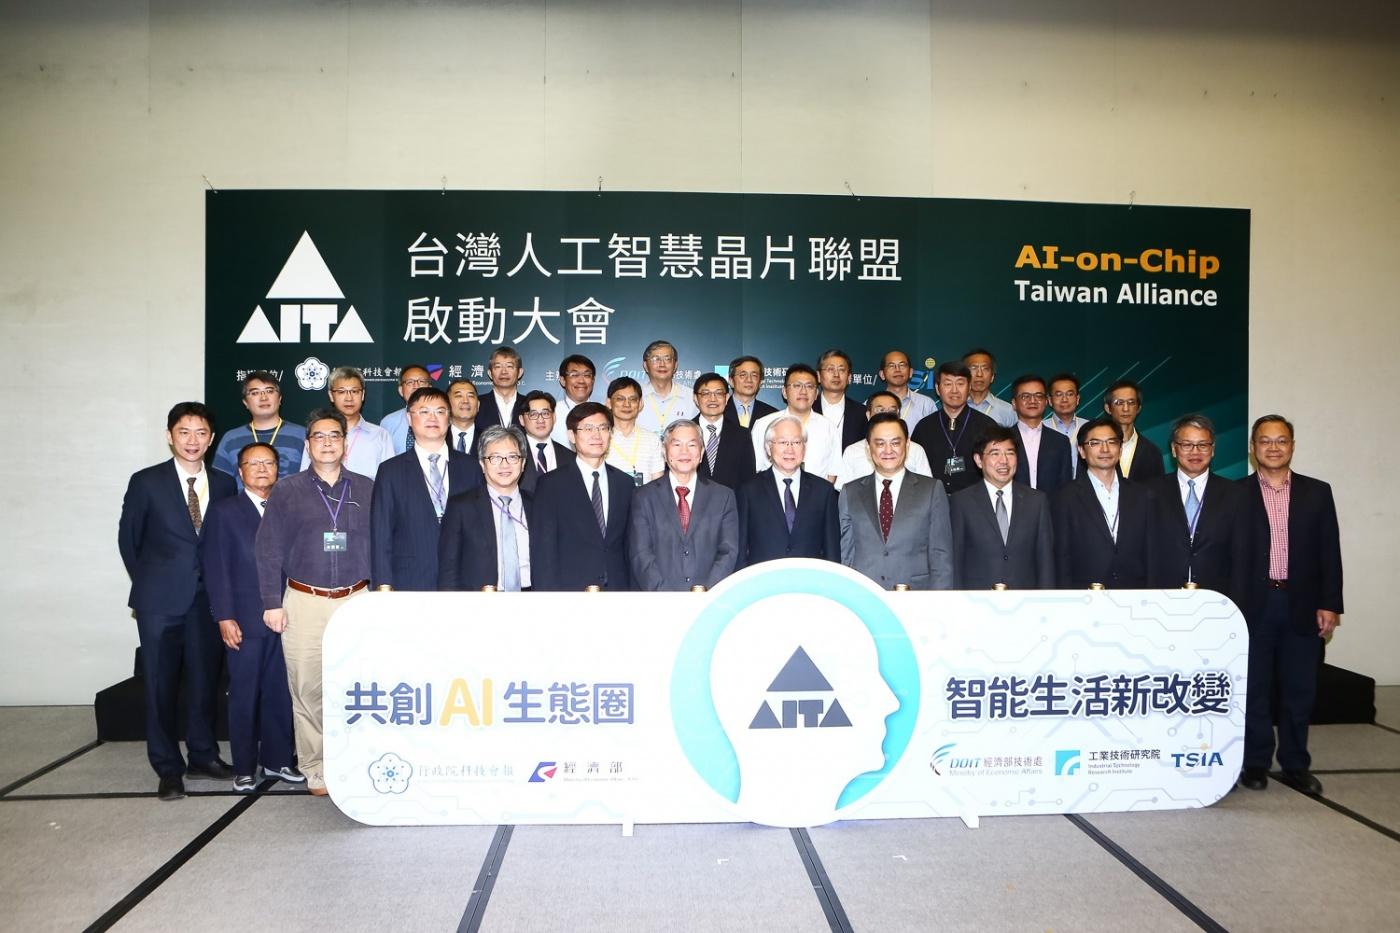 拚AI就靠晶片了!台灣人工智慧晶片聯盟成立,要讓研發成本降低10倍